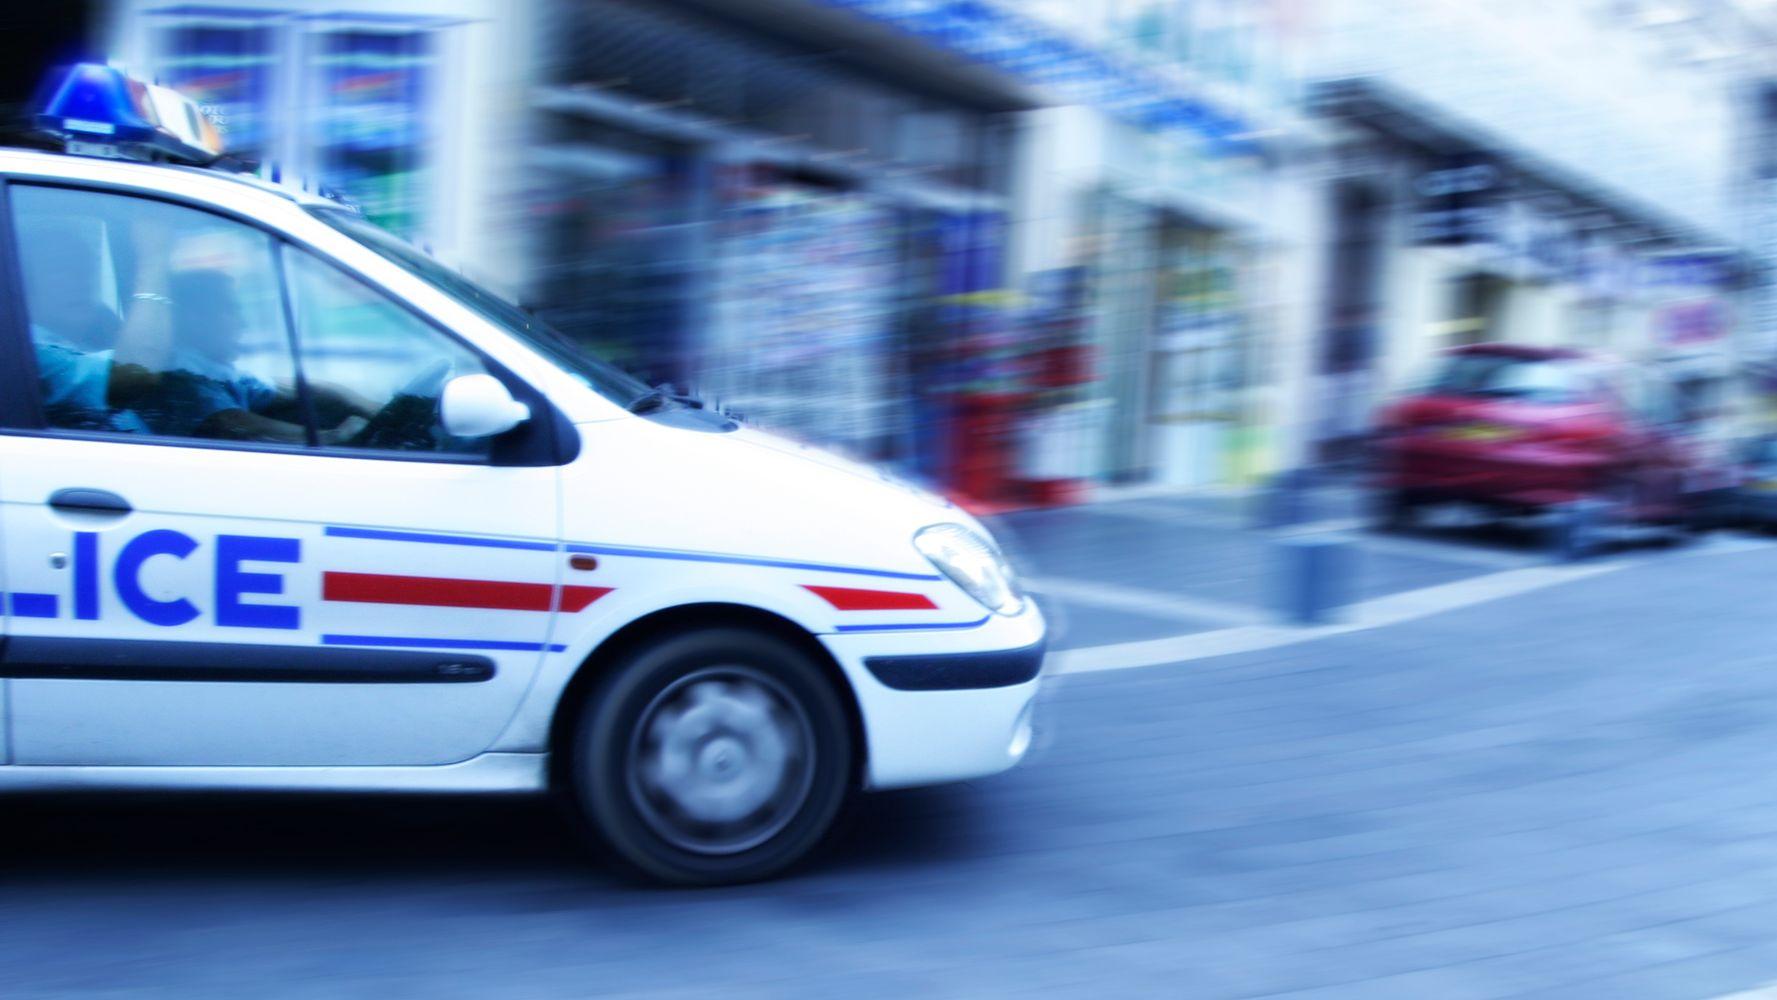 À Tourcoing, un ado blessé par balle par la police après un refus d'obtempérer